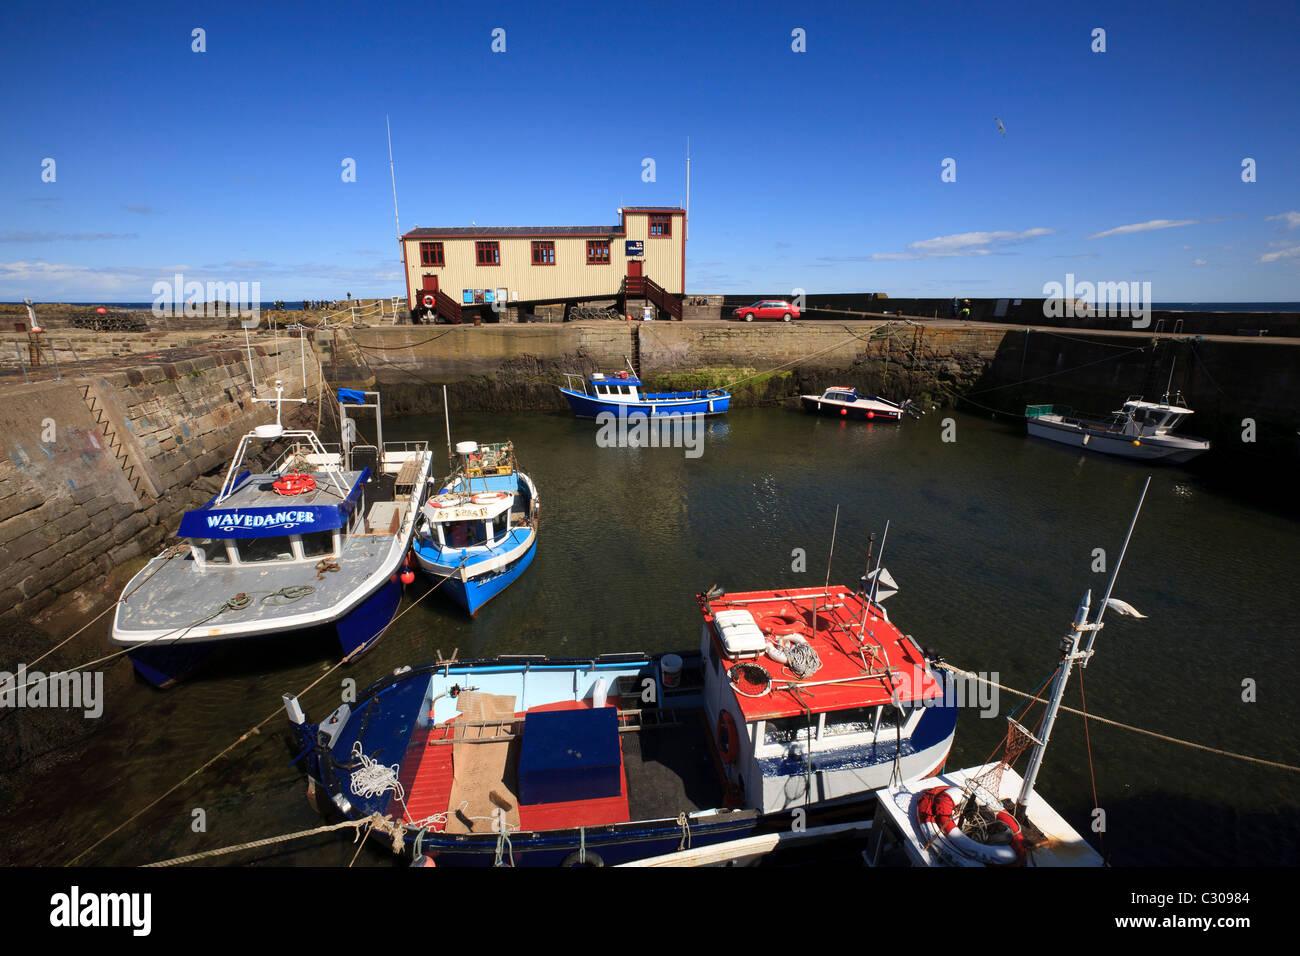 La station de sauvetage et des bateaux dans le port de St Abbs, Berwickshire. Photo Stock